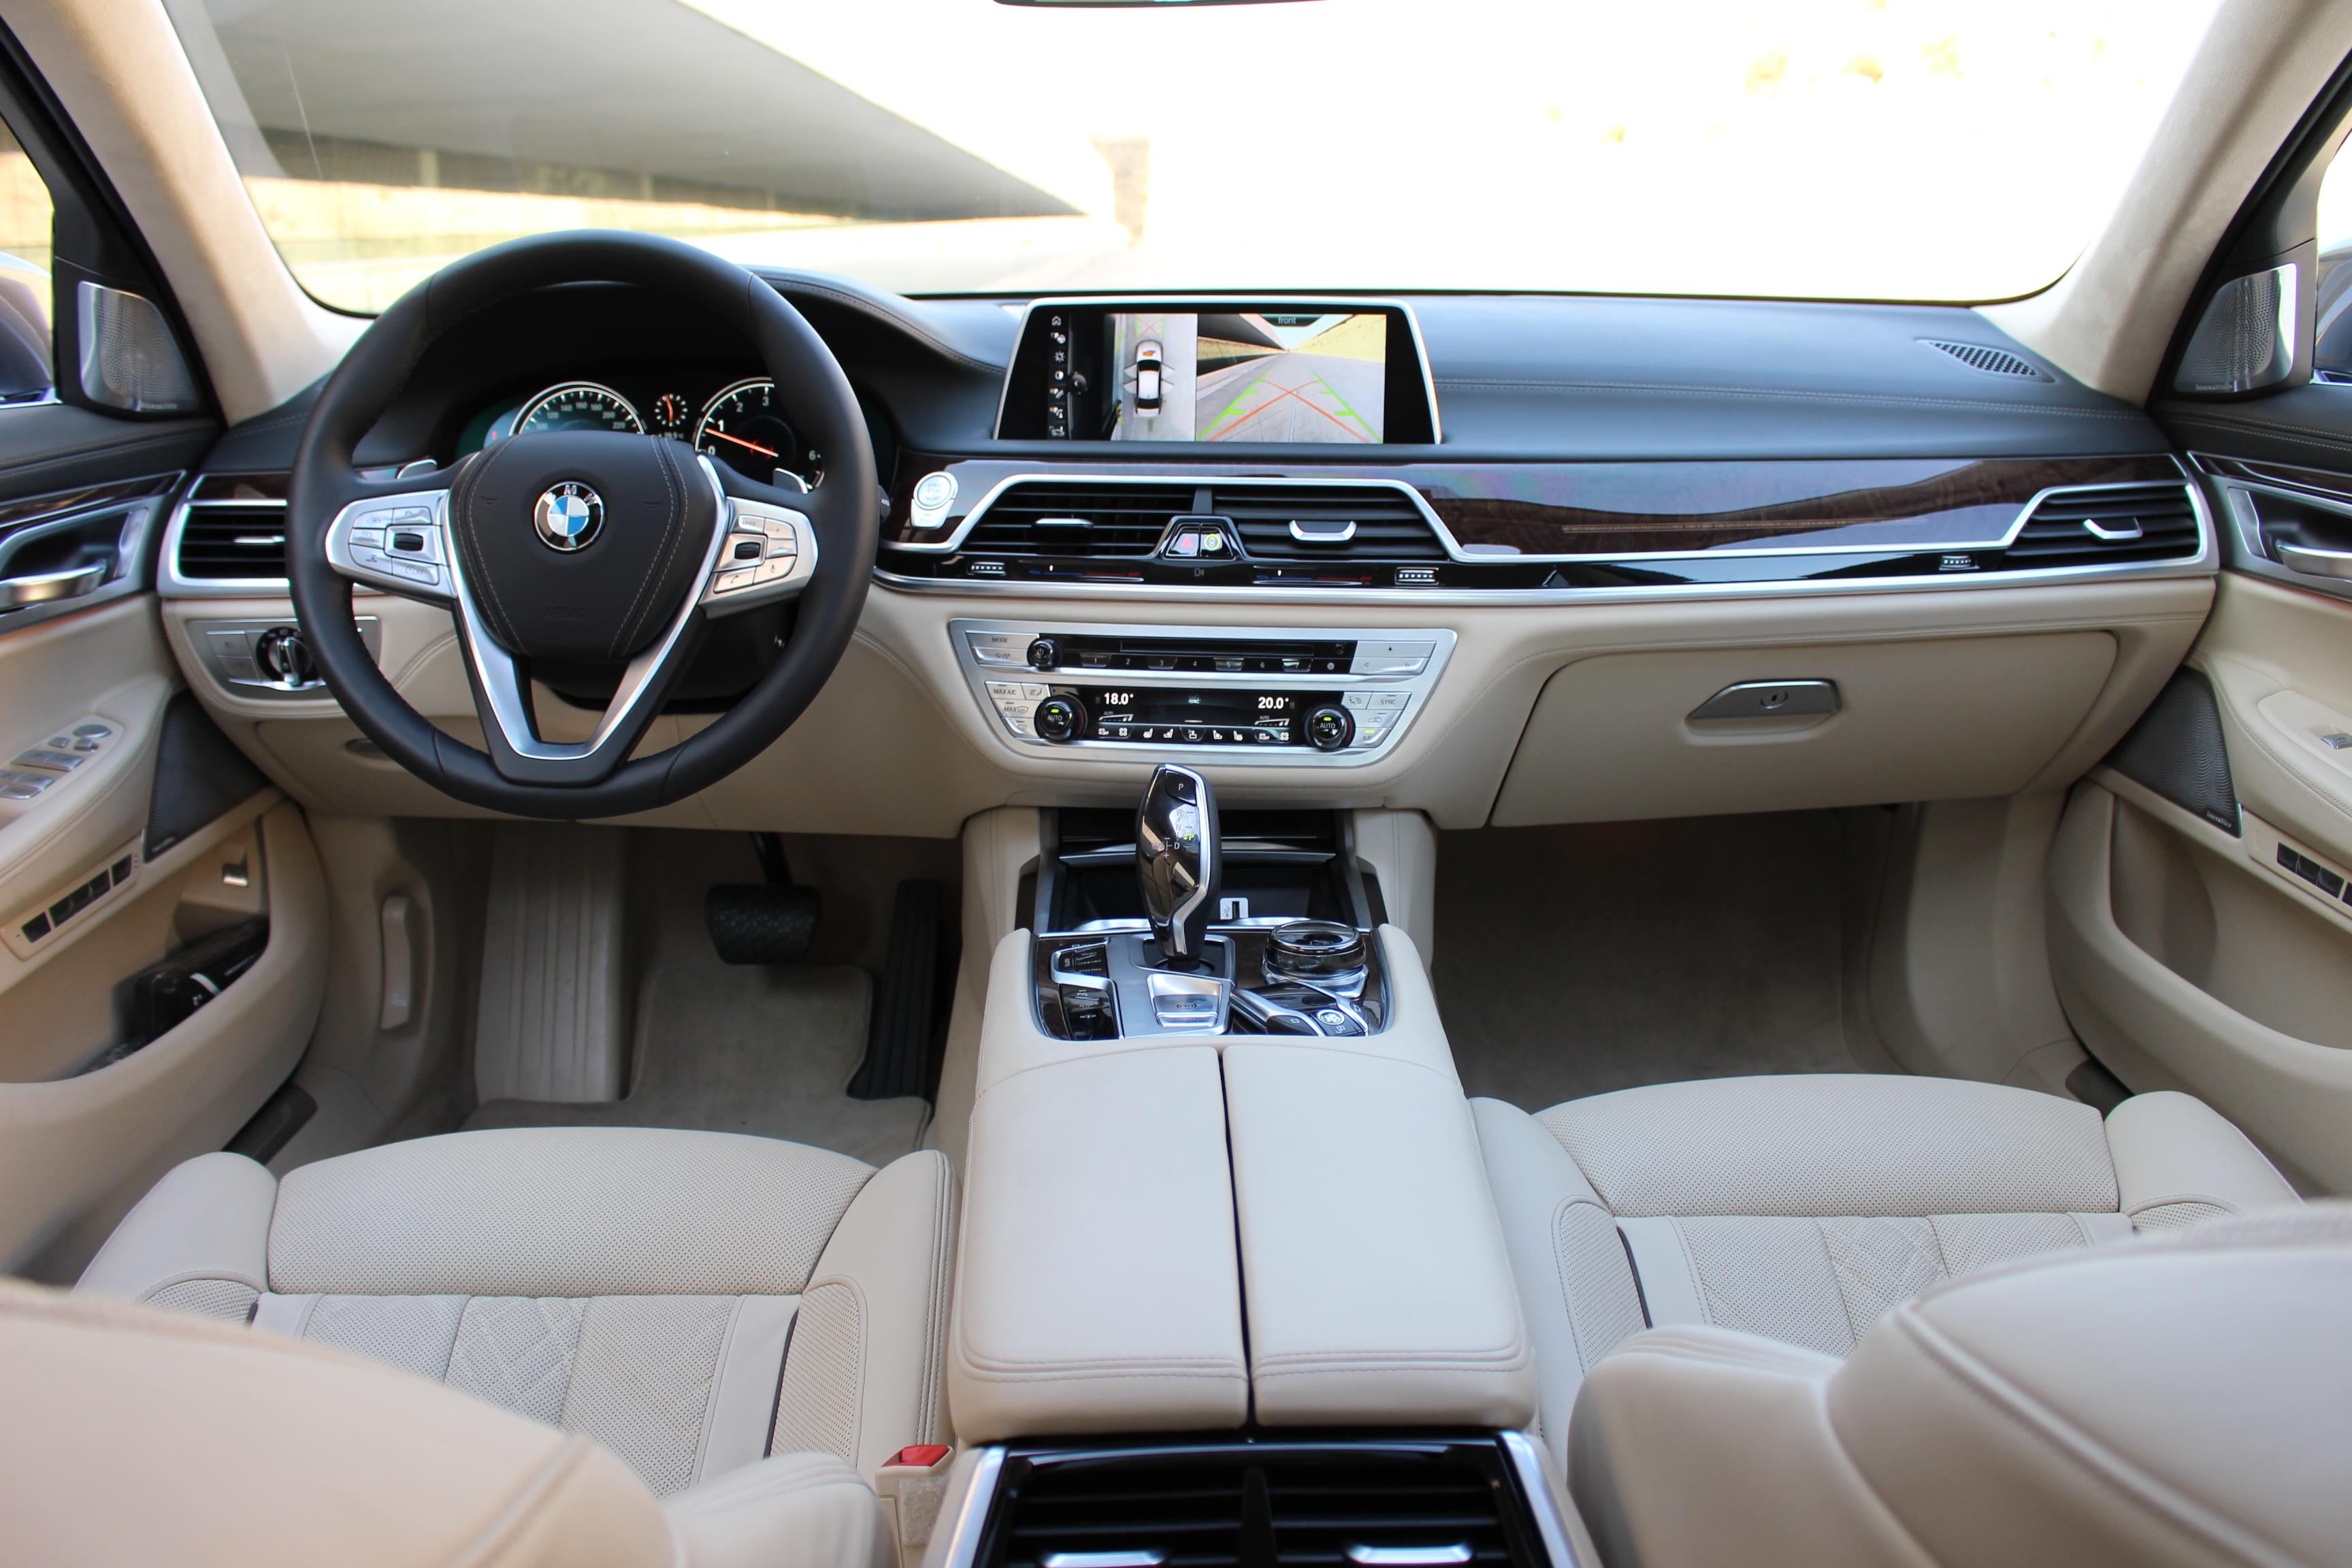 S0-Essai-video-BMW-Serie-7-bienvenue-dans-le-futur-363337